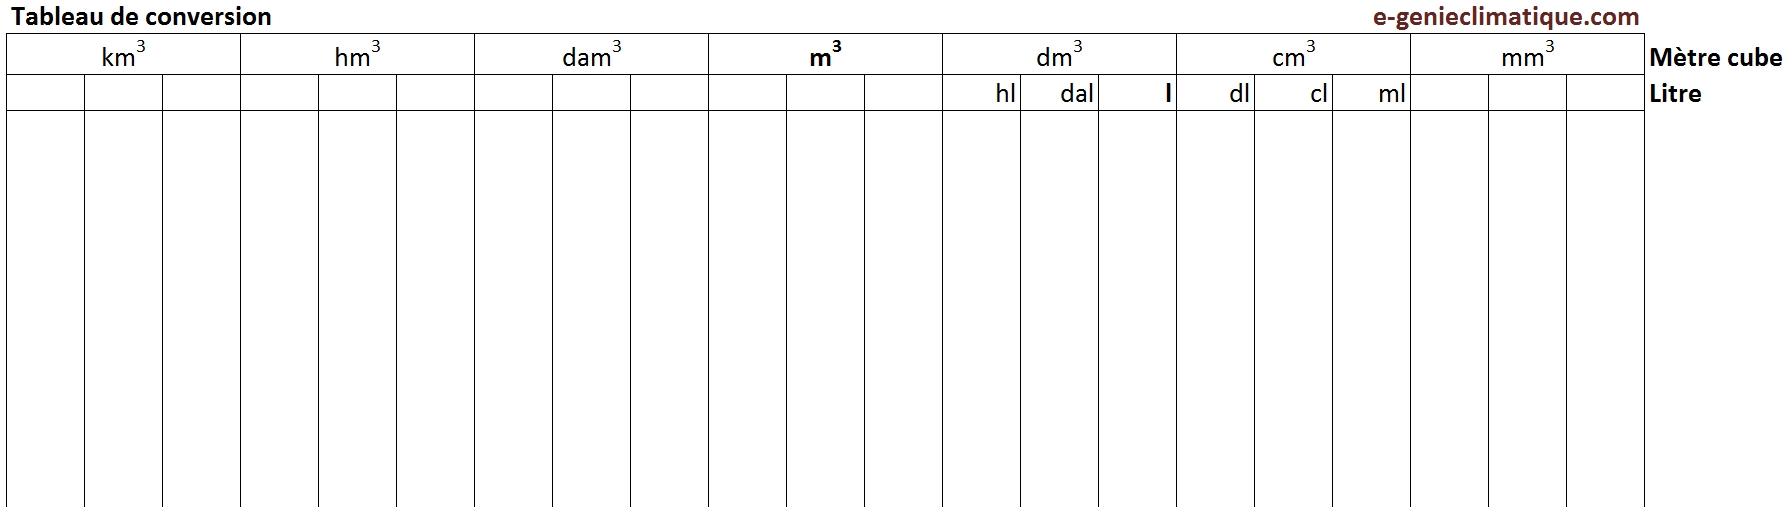 Tableau de conversion m3 en ligne - Conversion tonne en m3 ...